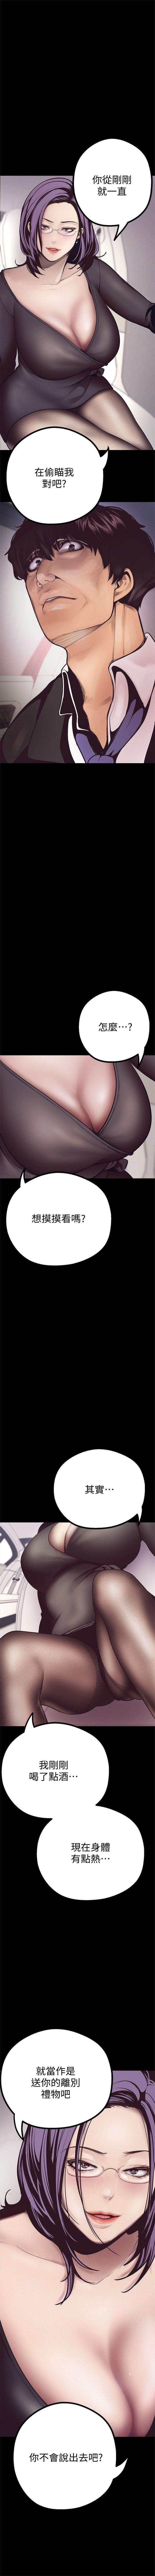 (周6)美丽新世界 1-61 中文翻译 (更新中) 59